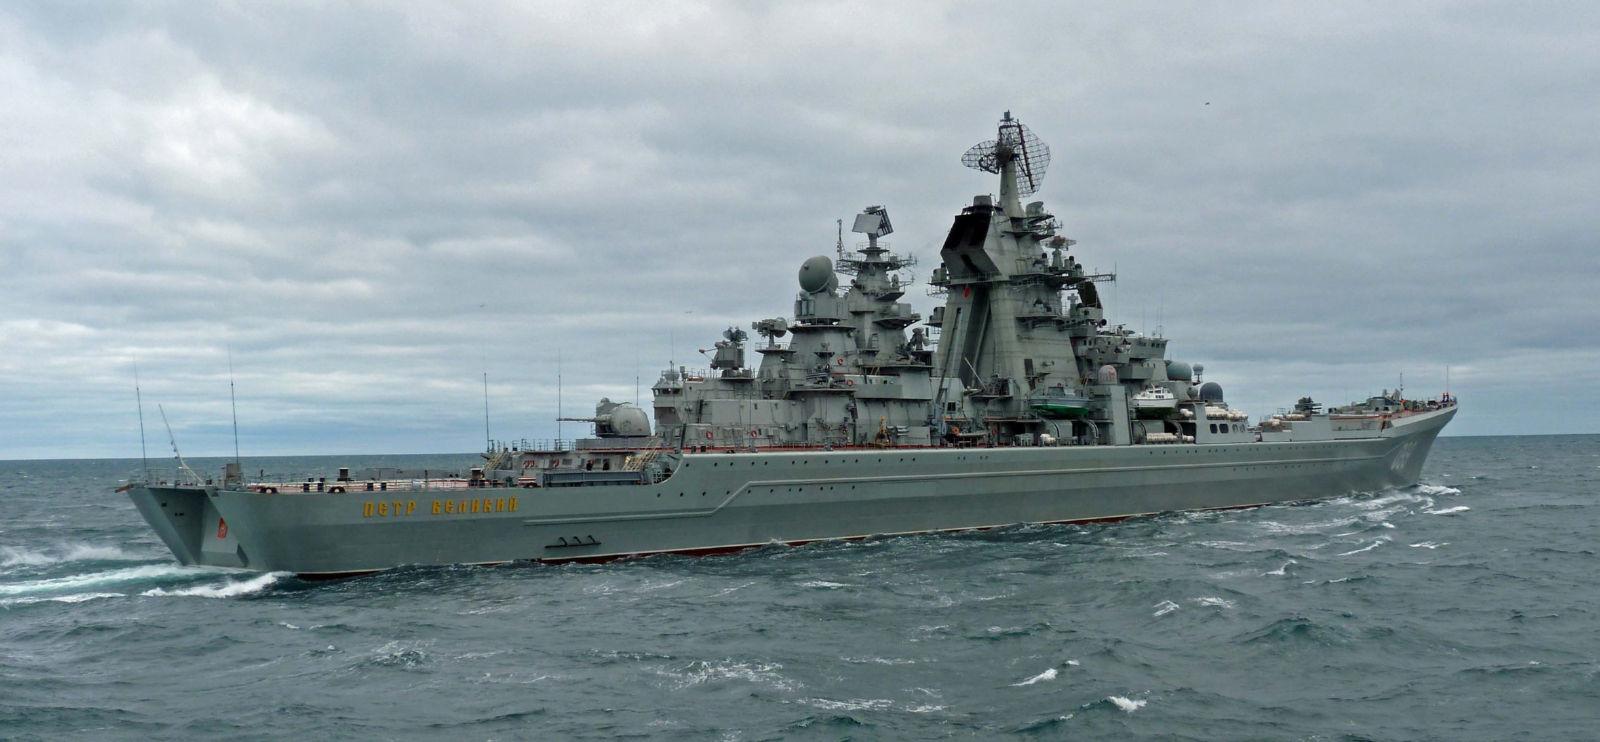 重原子力ロケット巡洋艦ピョートル・ヴェリキーはアイルランド沖に居る ...